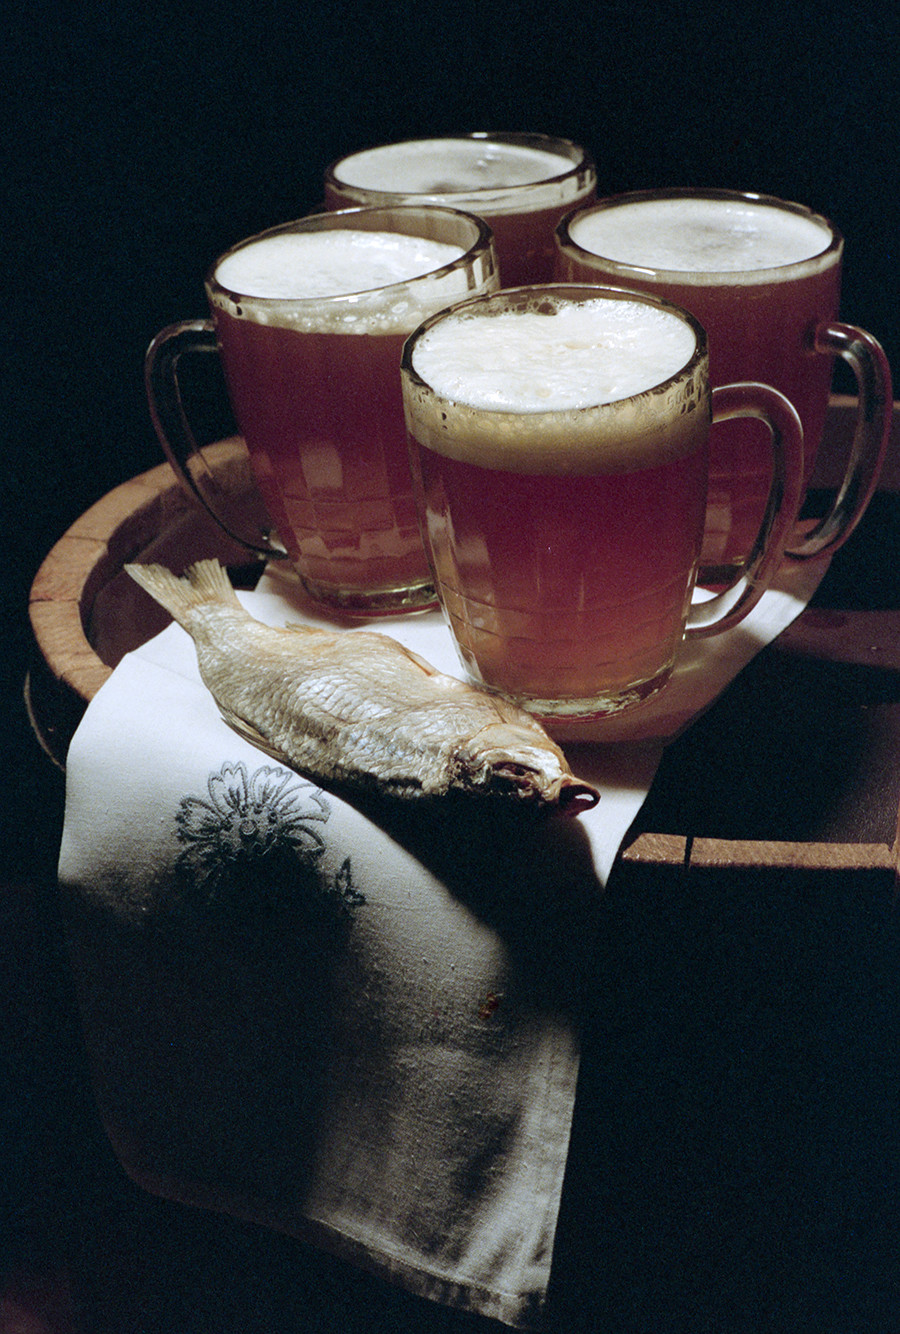 Bordão do partido era que cerveja acalmava e trazia paz, diferente da vodca - que, para os criadores, simbolizava o governo Iéltsin e significava agressividade e guerra.